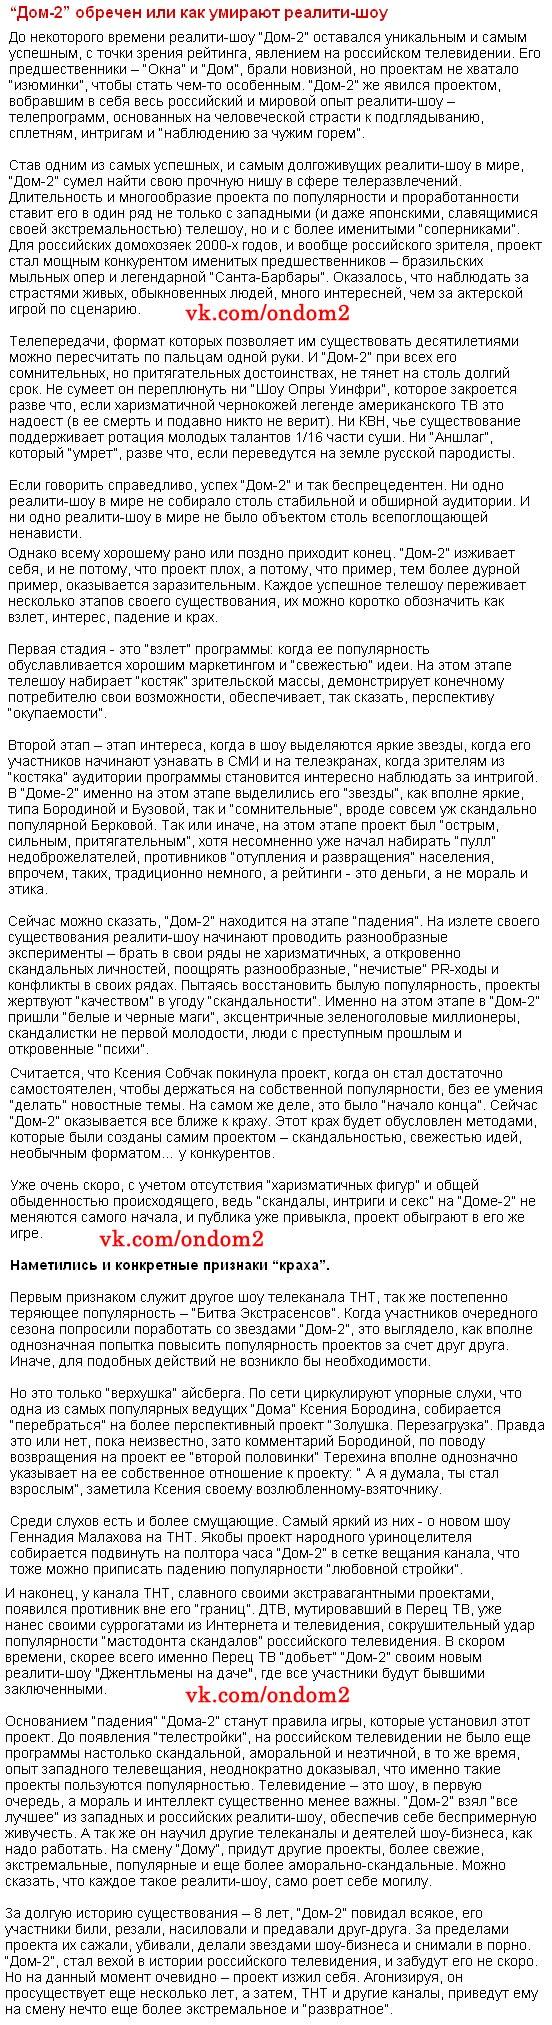 Статья сайта news.bcm.ru о закрытии дома 2